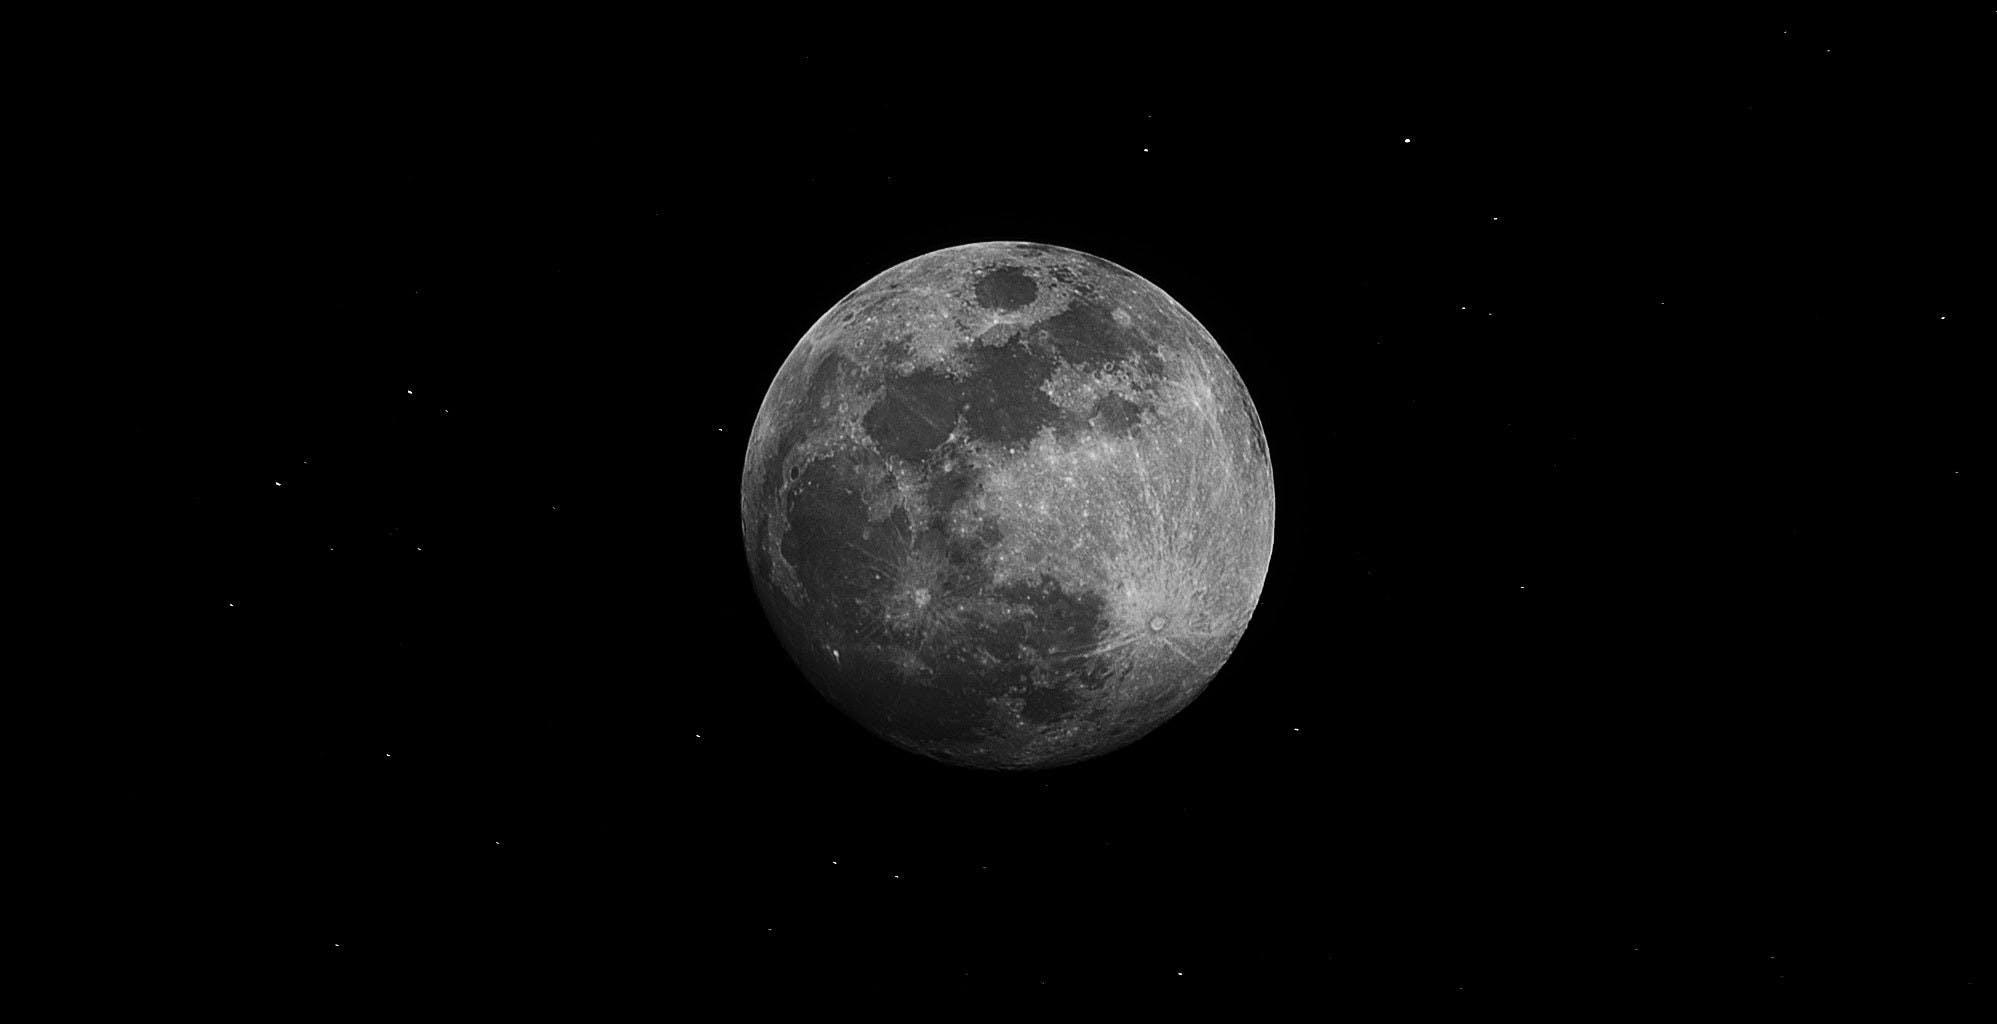 Cosa ha scoperto la NASA sulla Luna? Come seguire l'annuncio in diretta